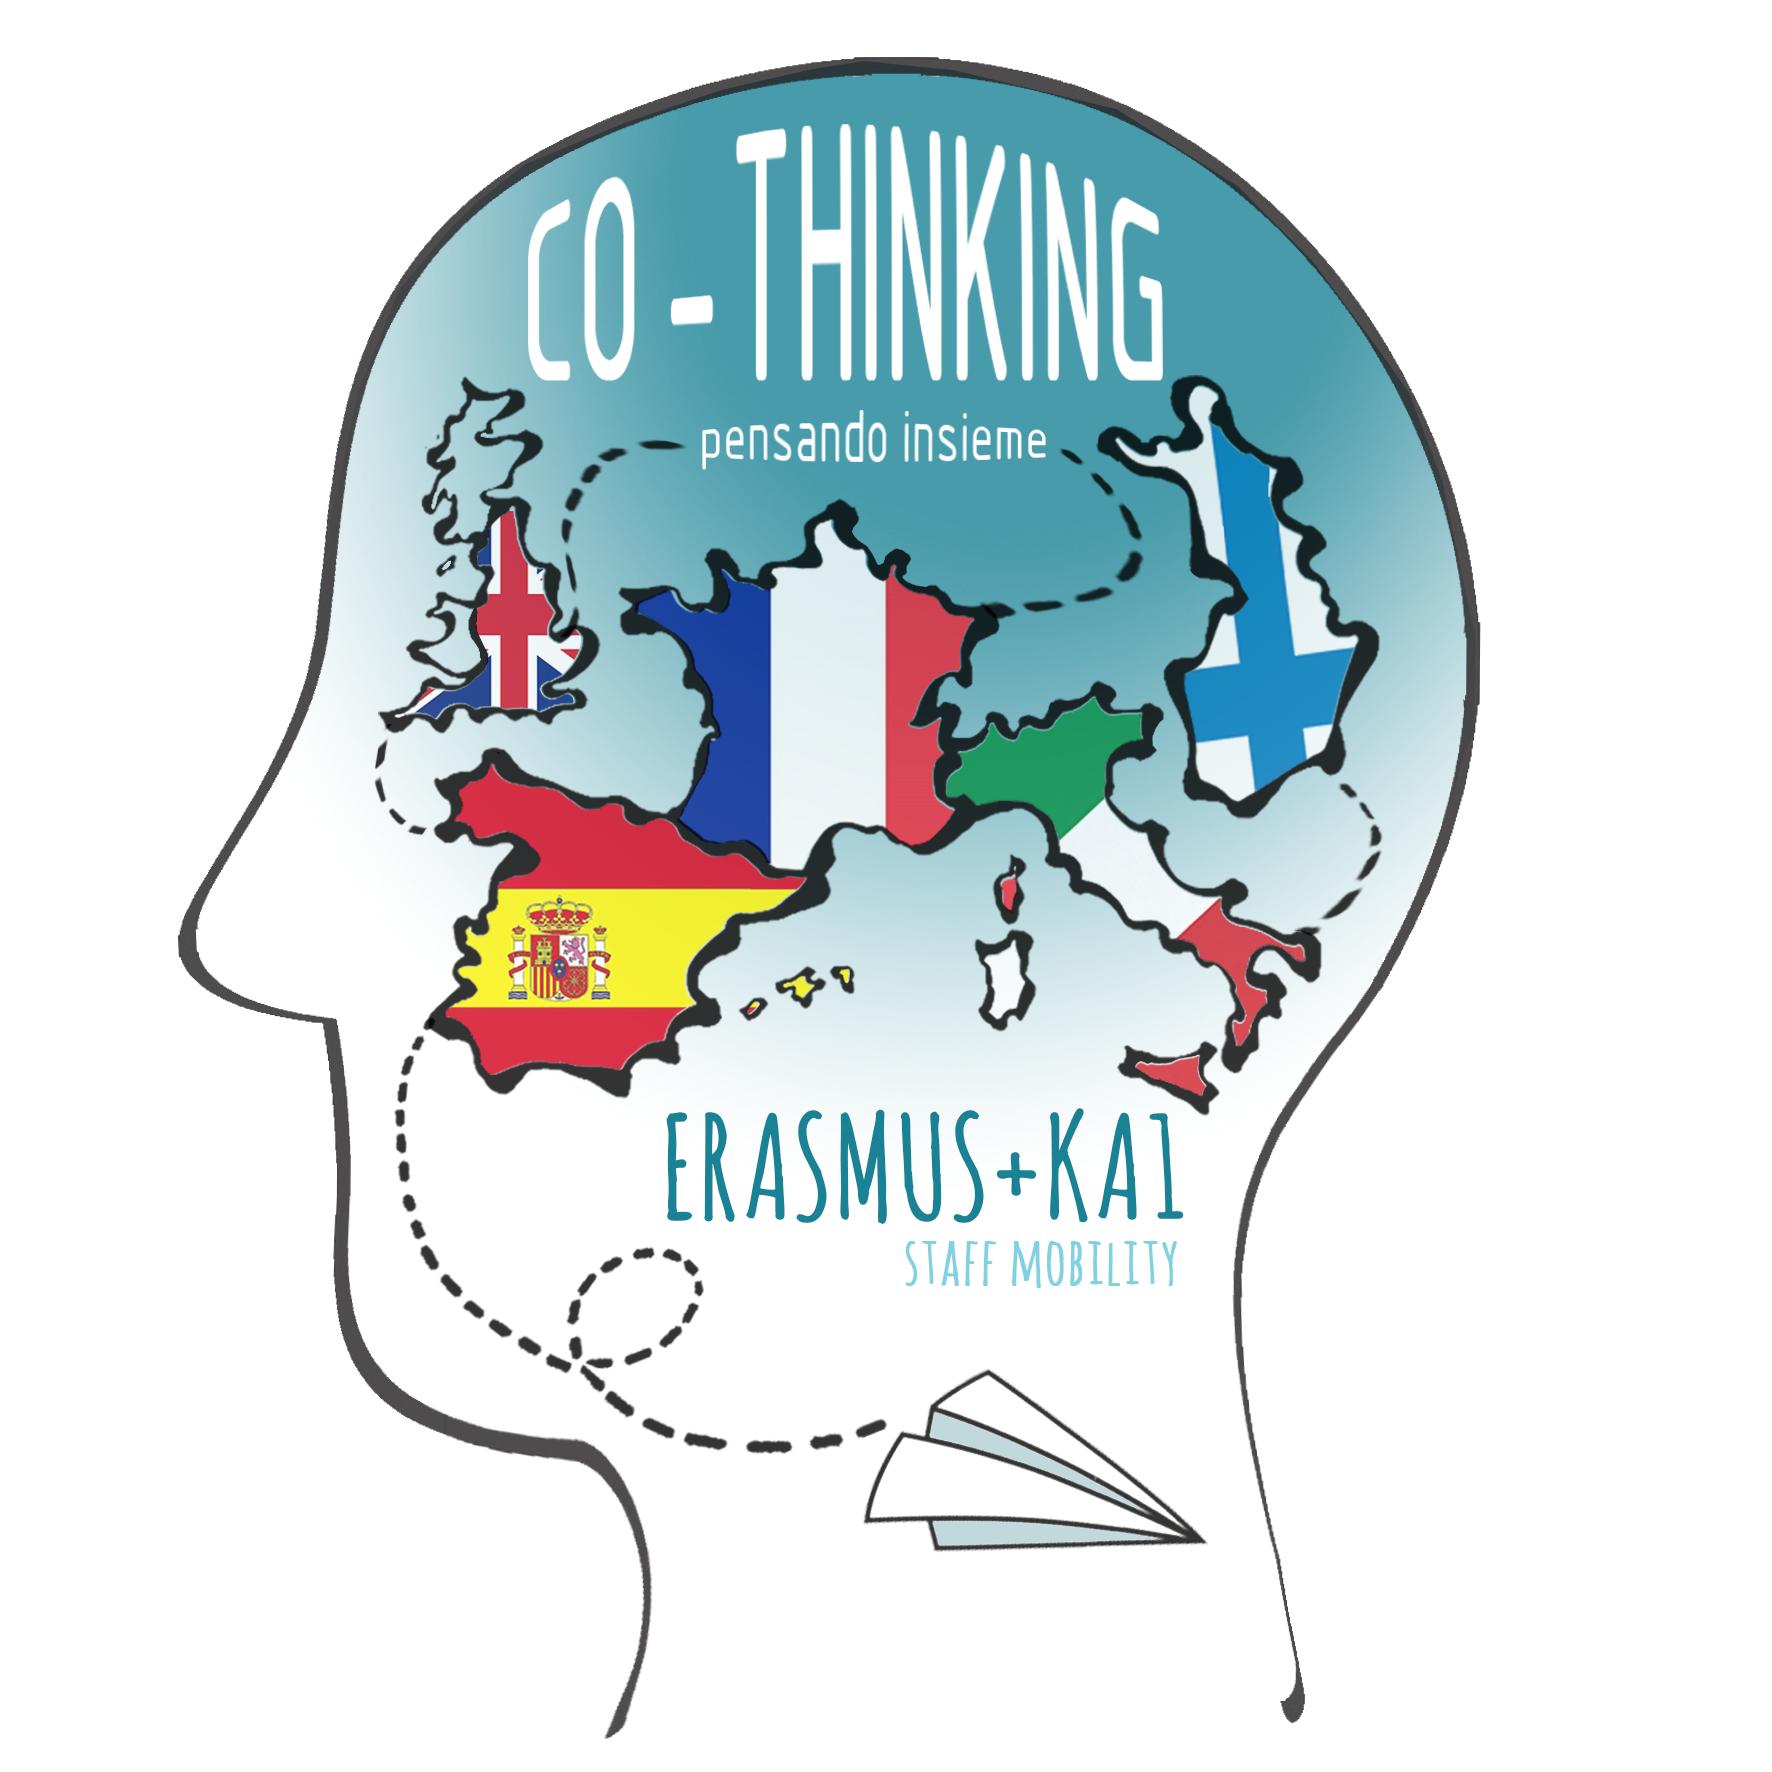 Erasmus+K1